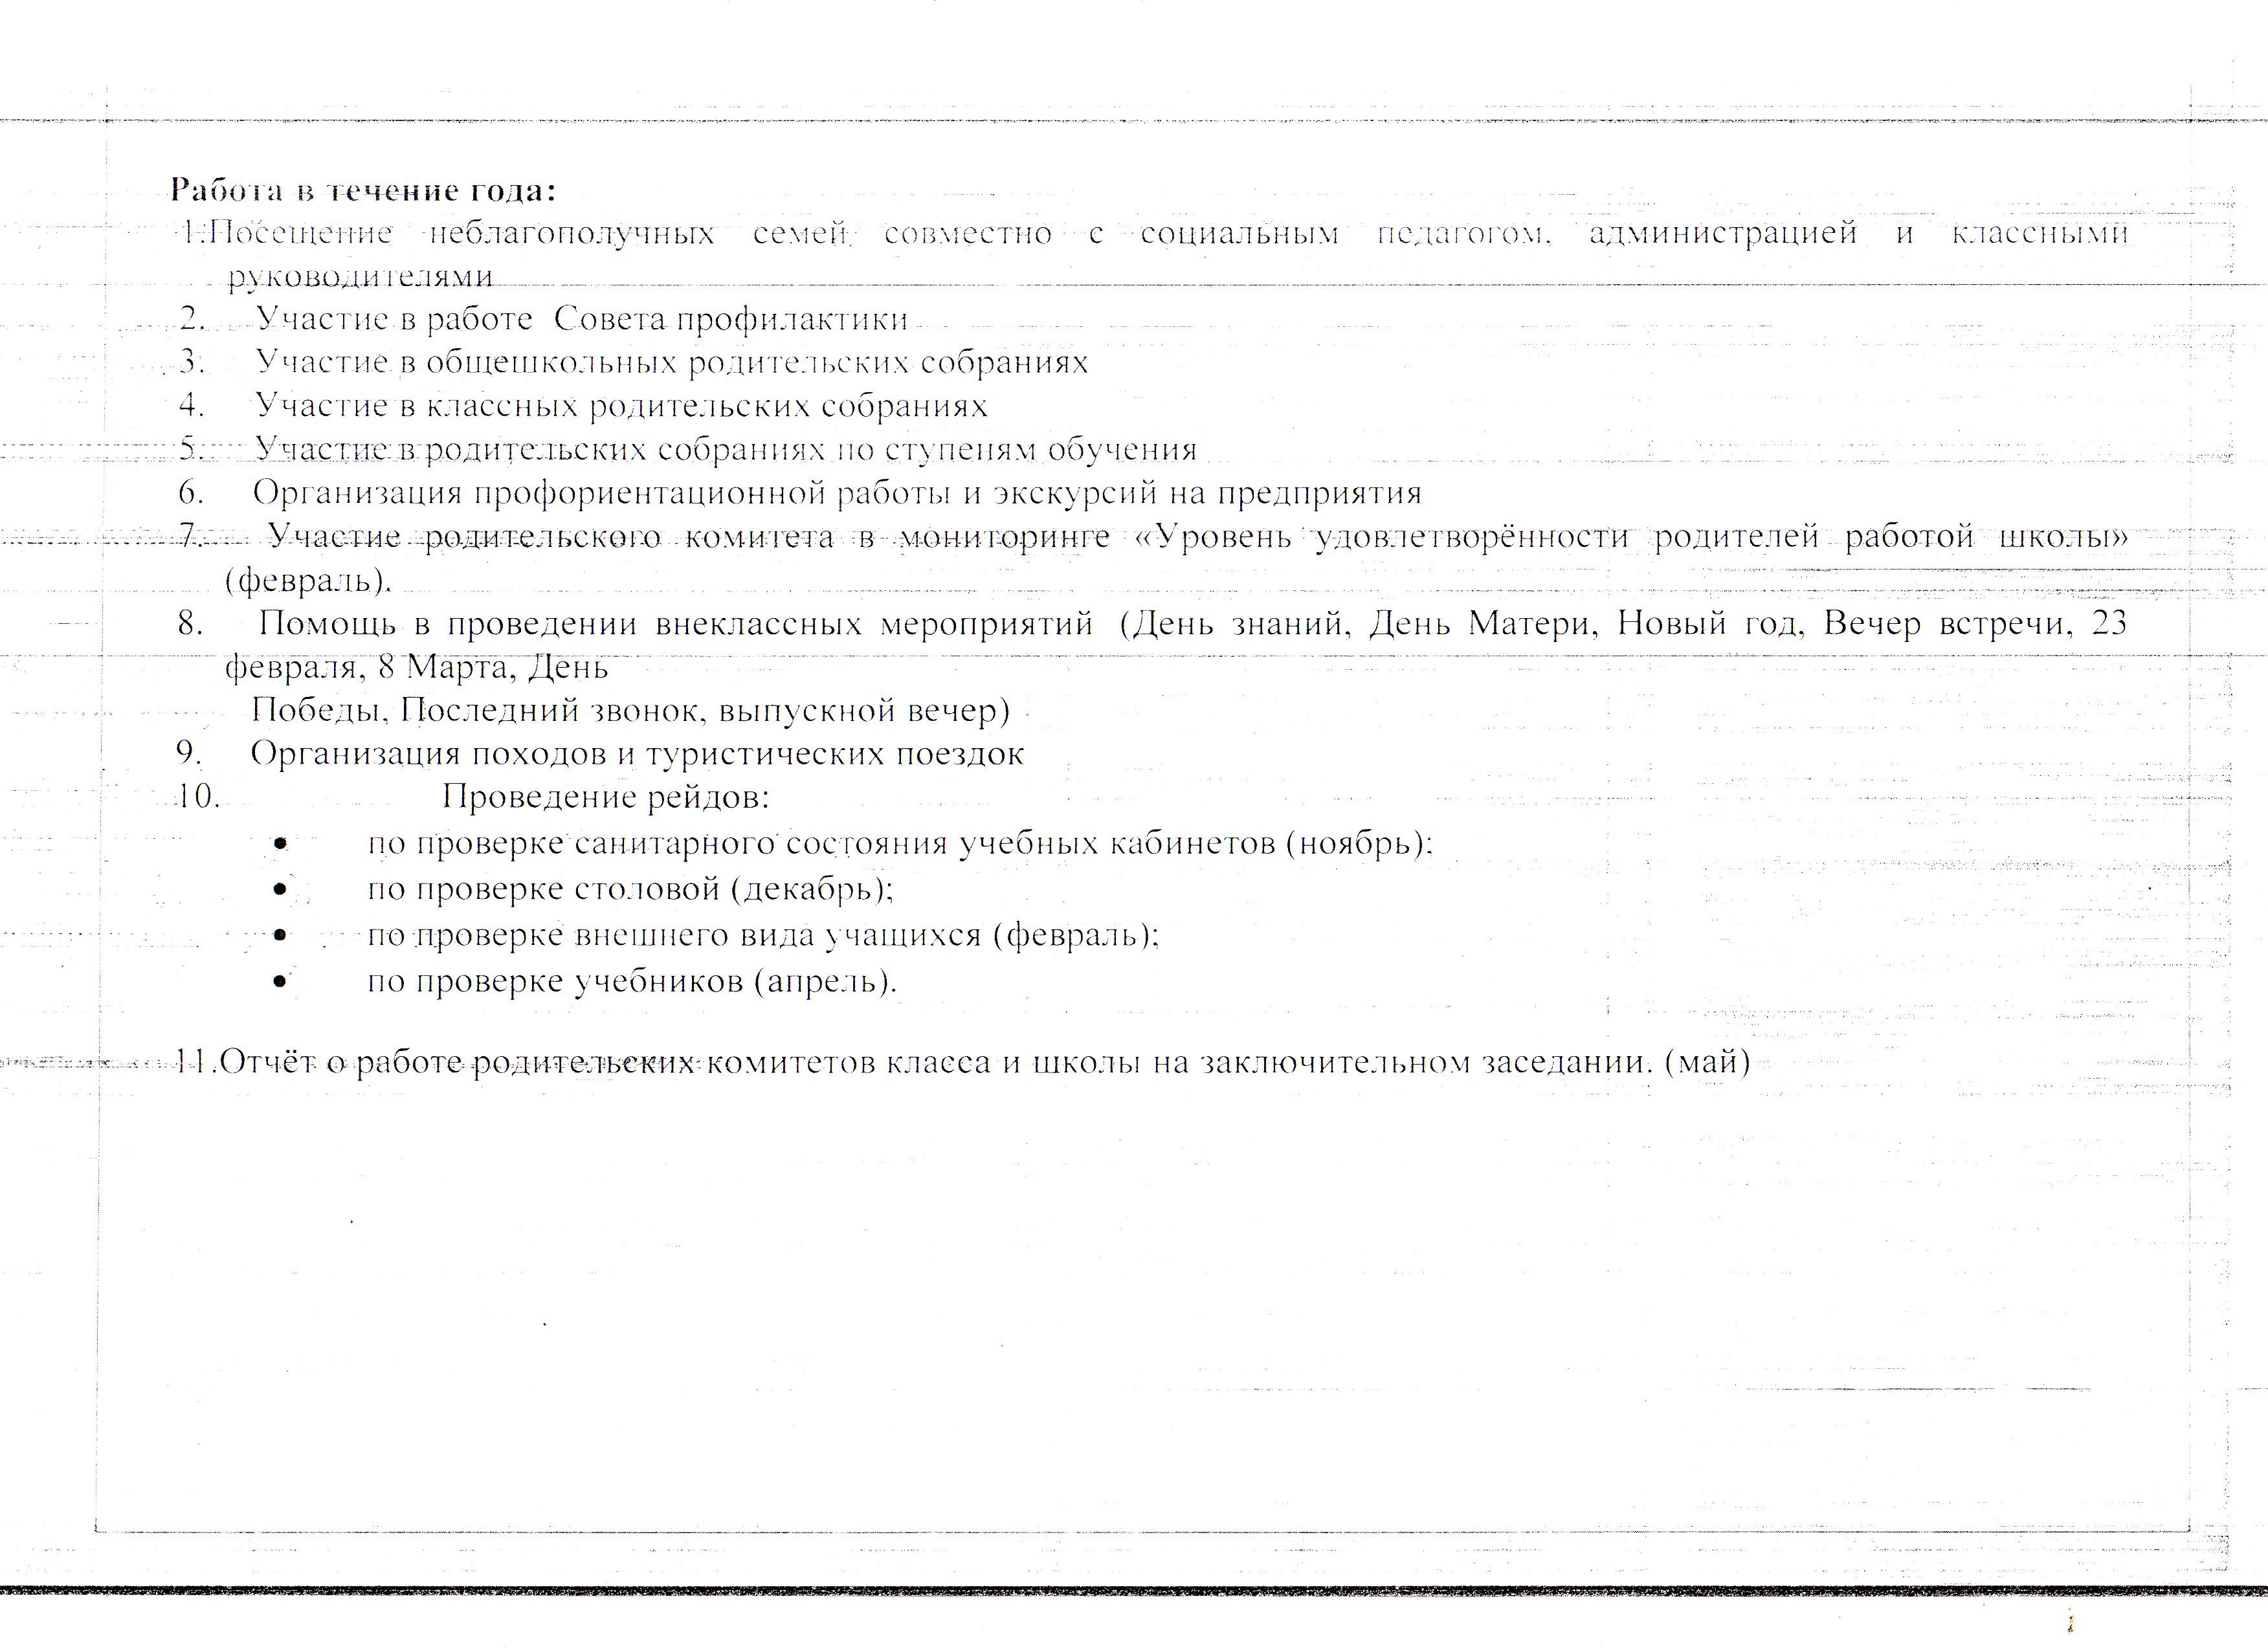 Справка по итогам проверки тетрадей по математике в классах  И определяет порядок и периодичность проверки письменных работ в тетрадях Справка о проверке контрольных тетрадей по математике